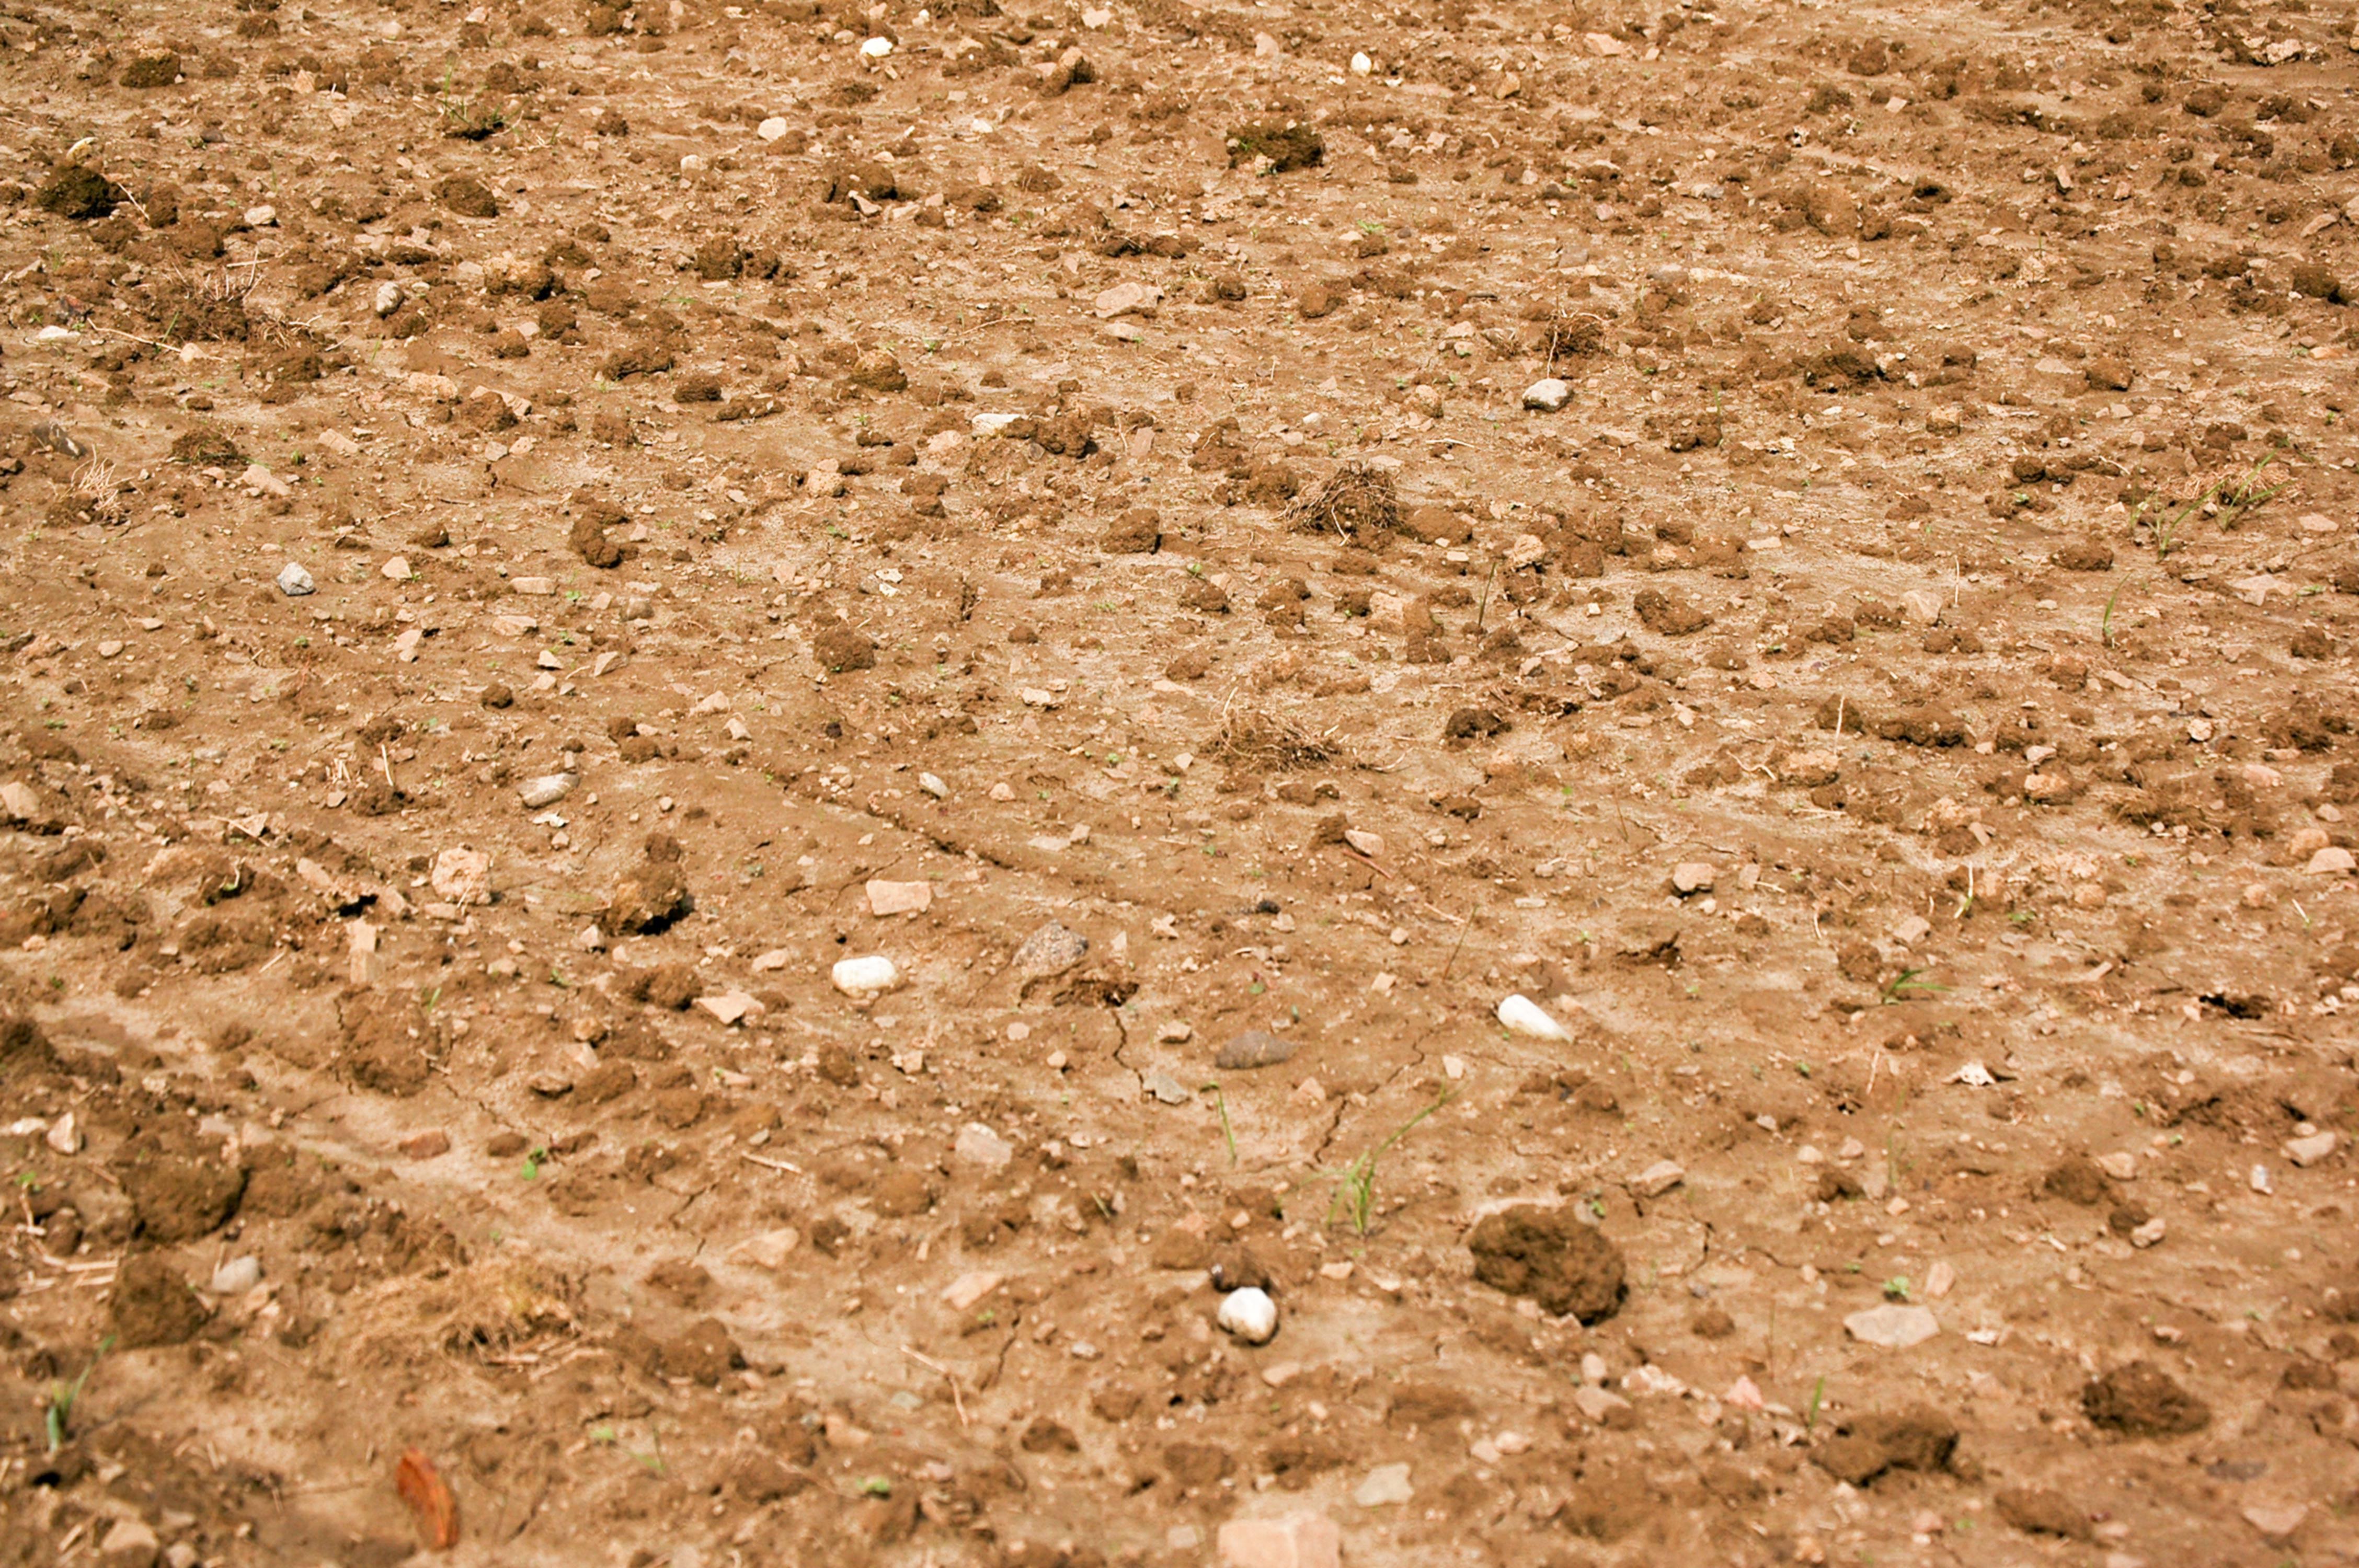 Brown Dry Dirt